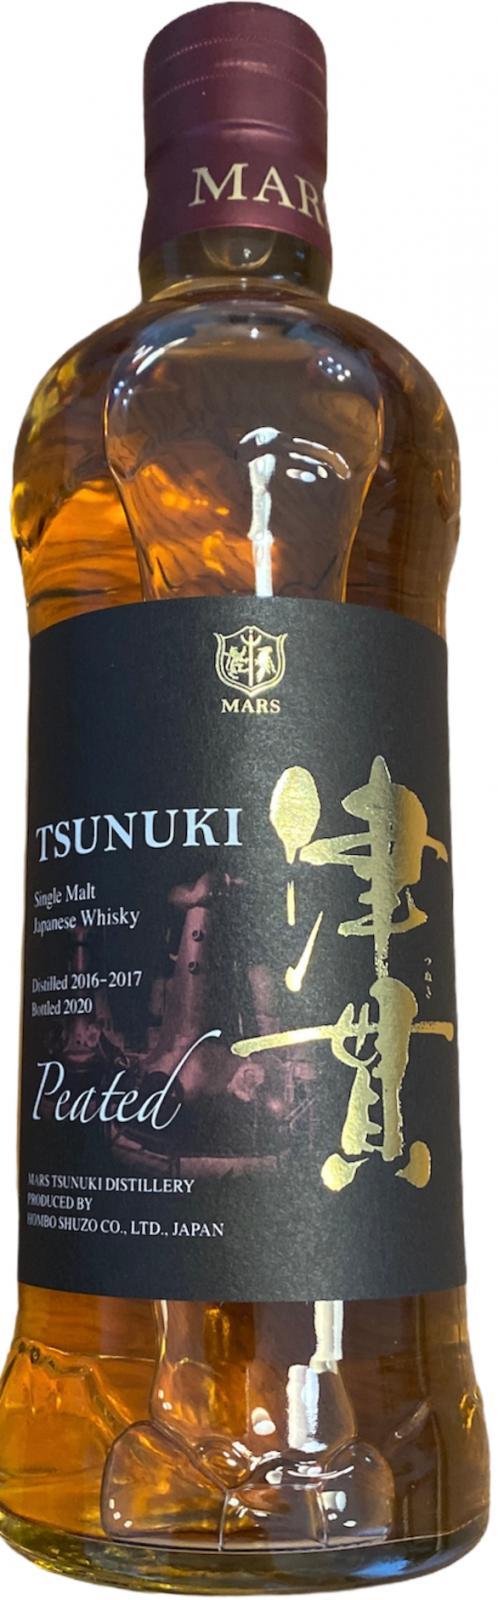 Mars Tsunuki Peated